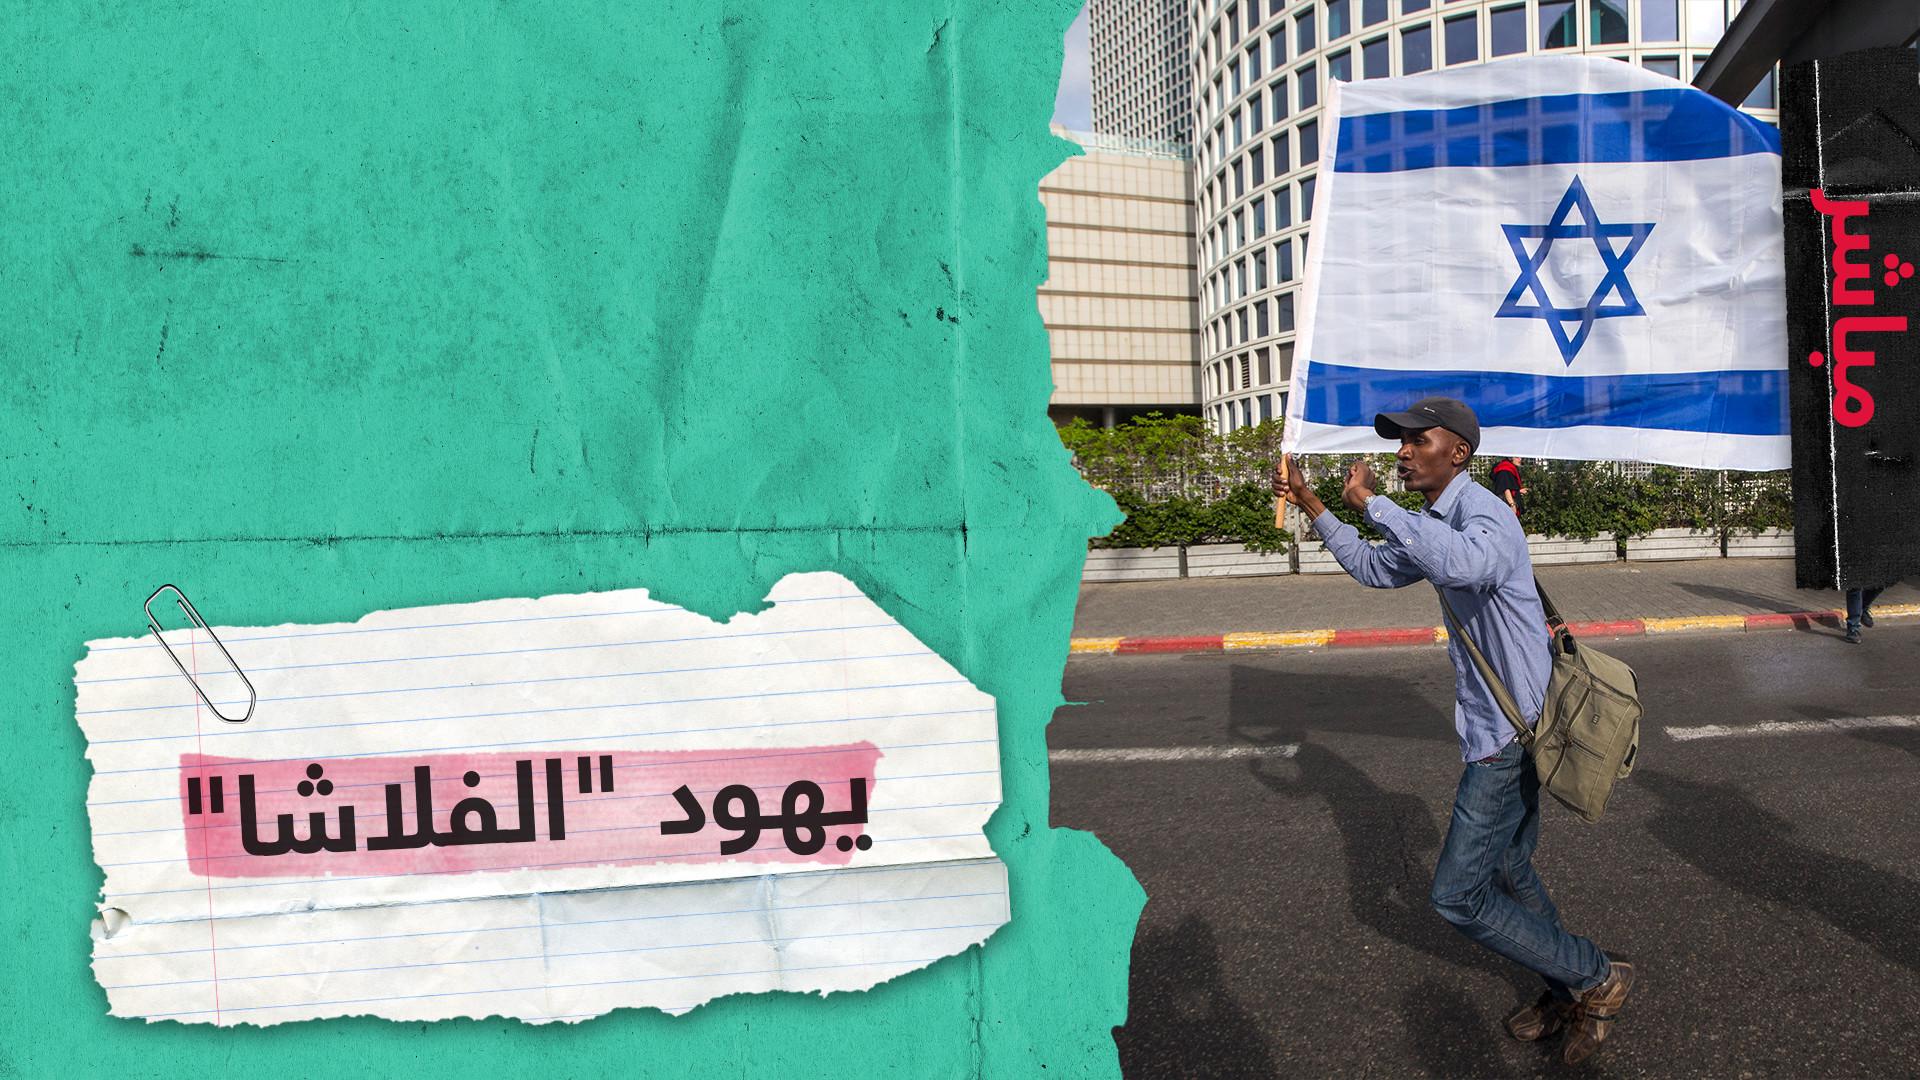 مباشر..عنف في إسرائيل.. ما الذي أغضب يهود